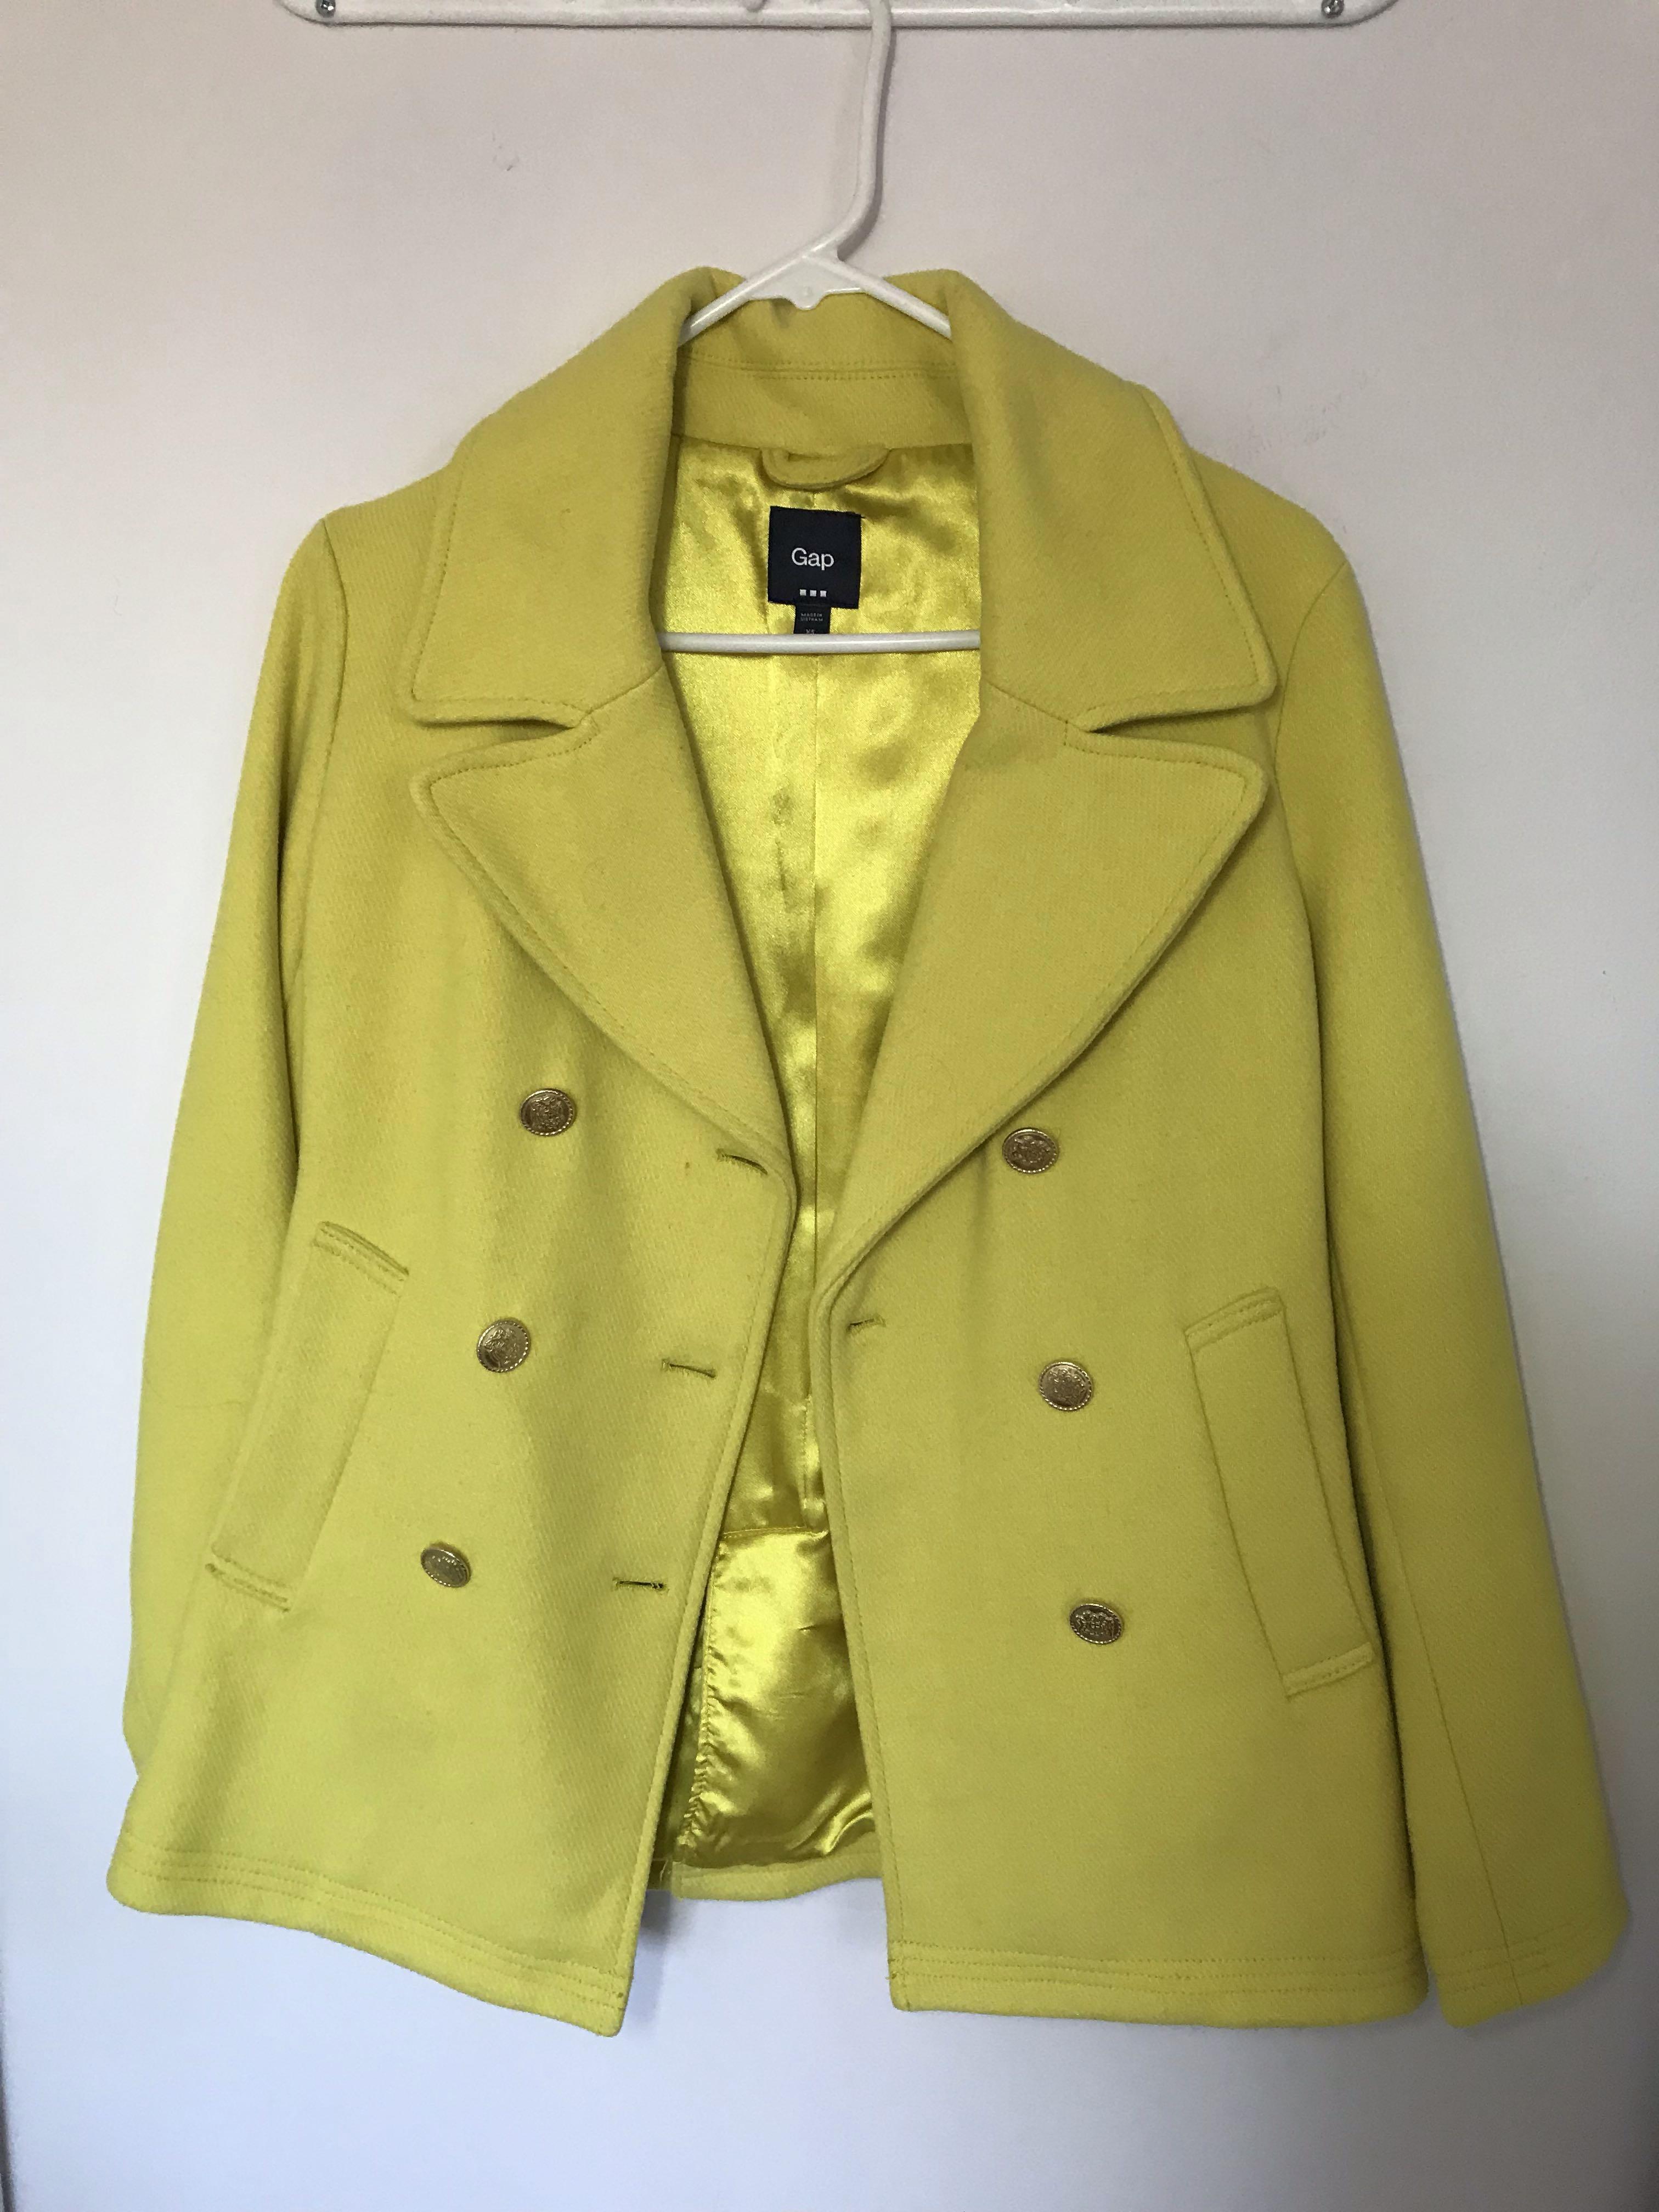 Mustard yellow coat from Italy